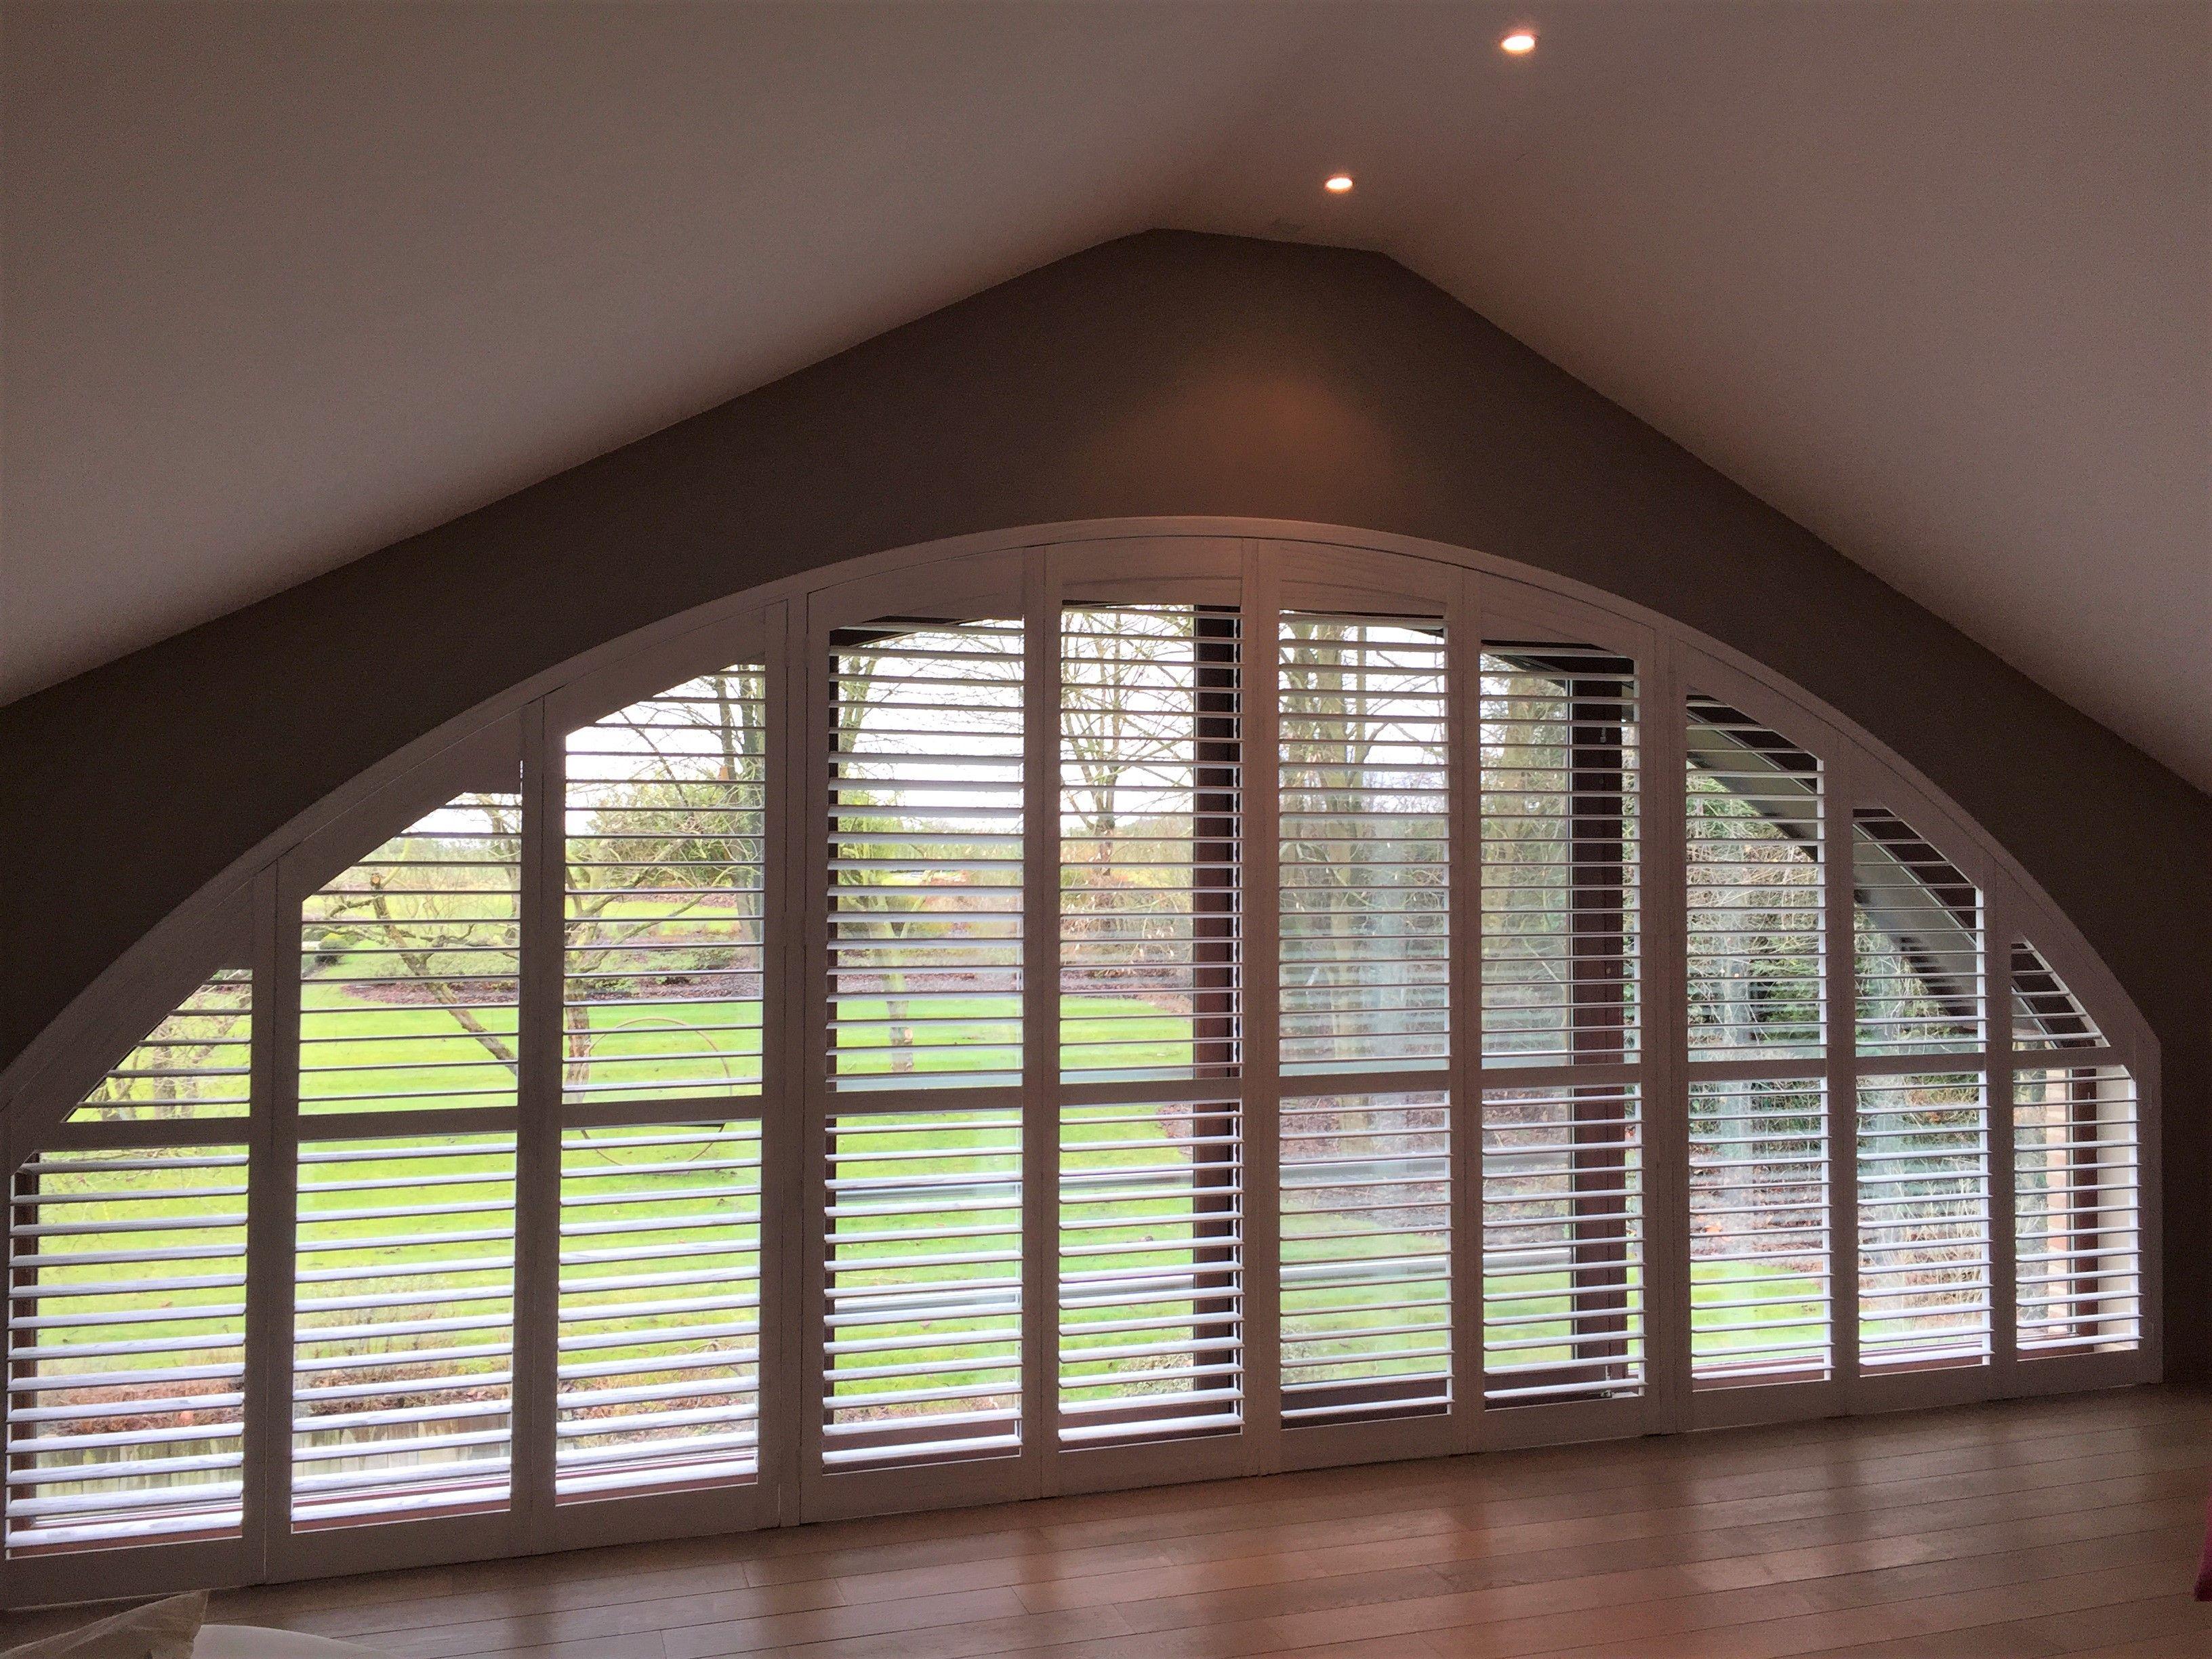 Hedendaags Met Van Eyck shutters als raamdecoratie, behoudt u het contact met EH-01